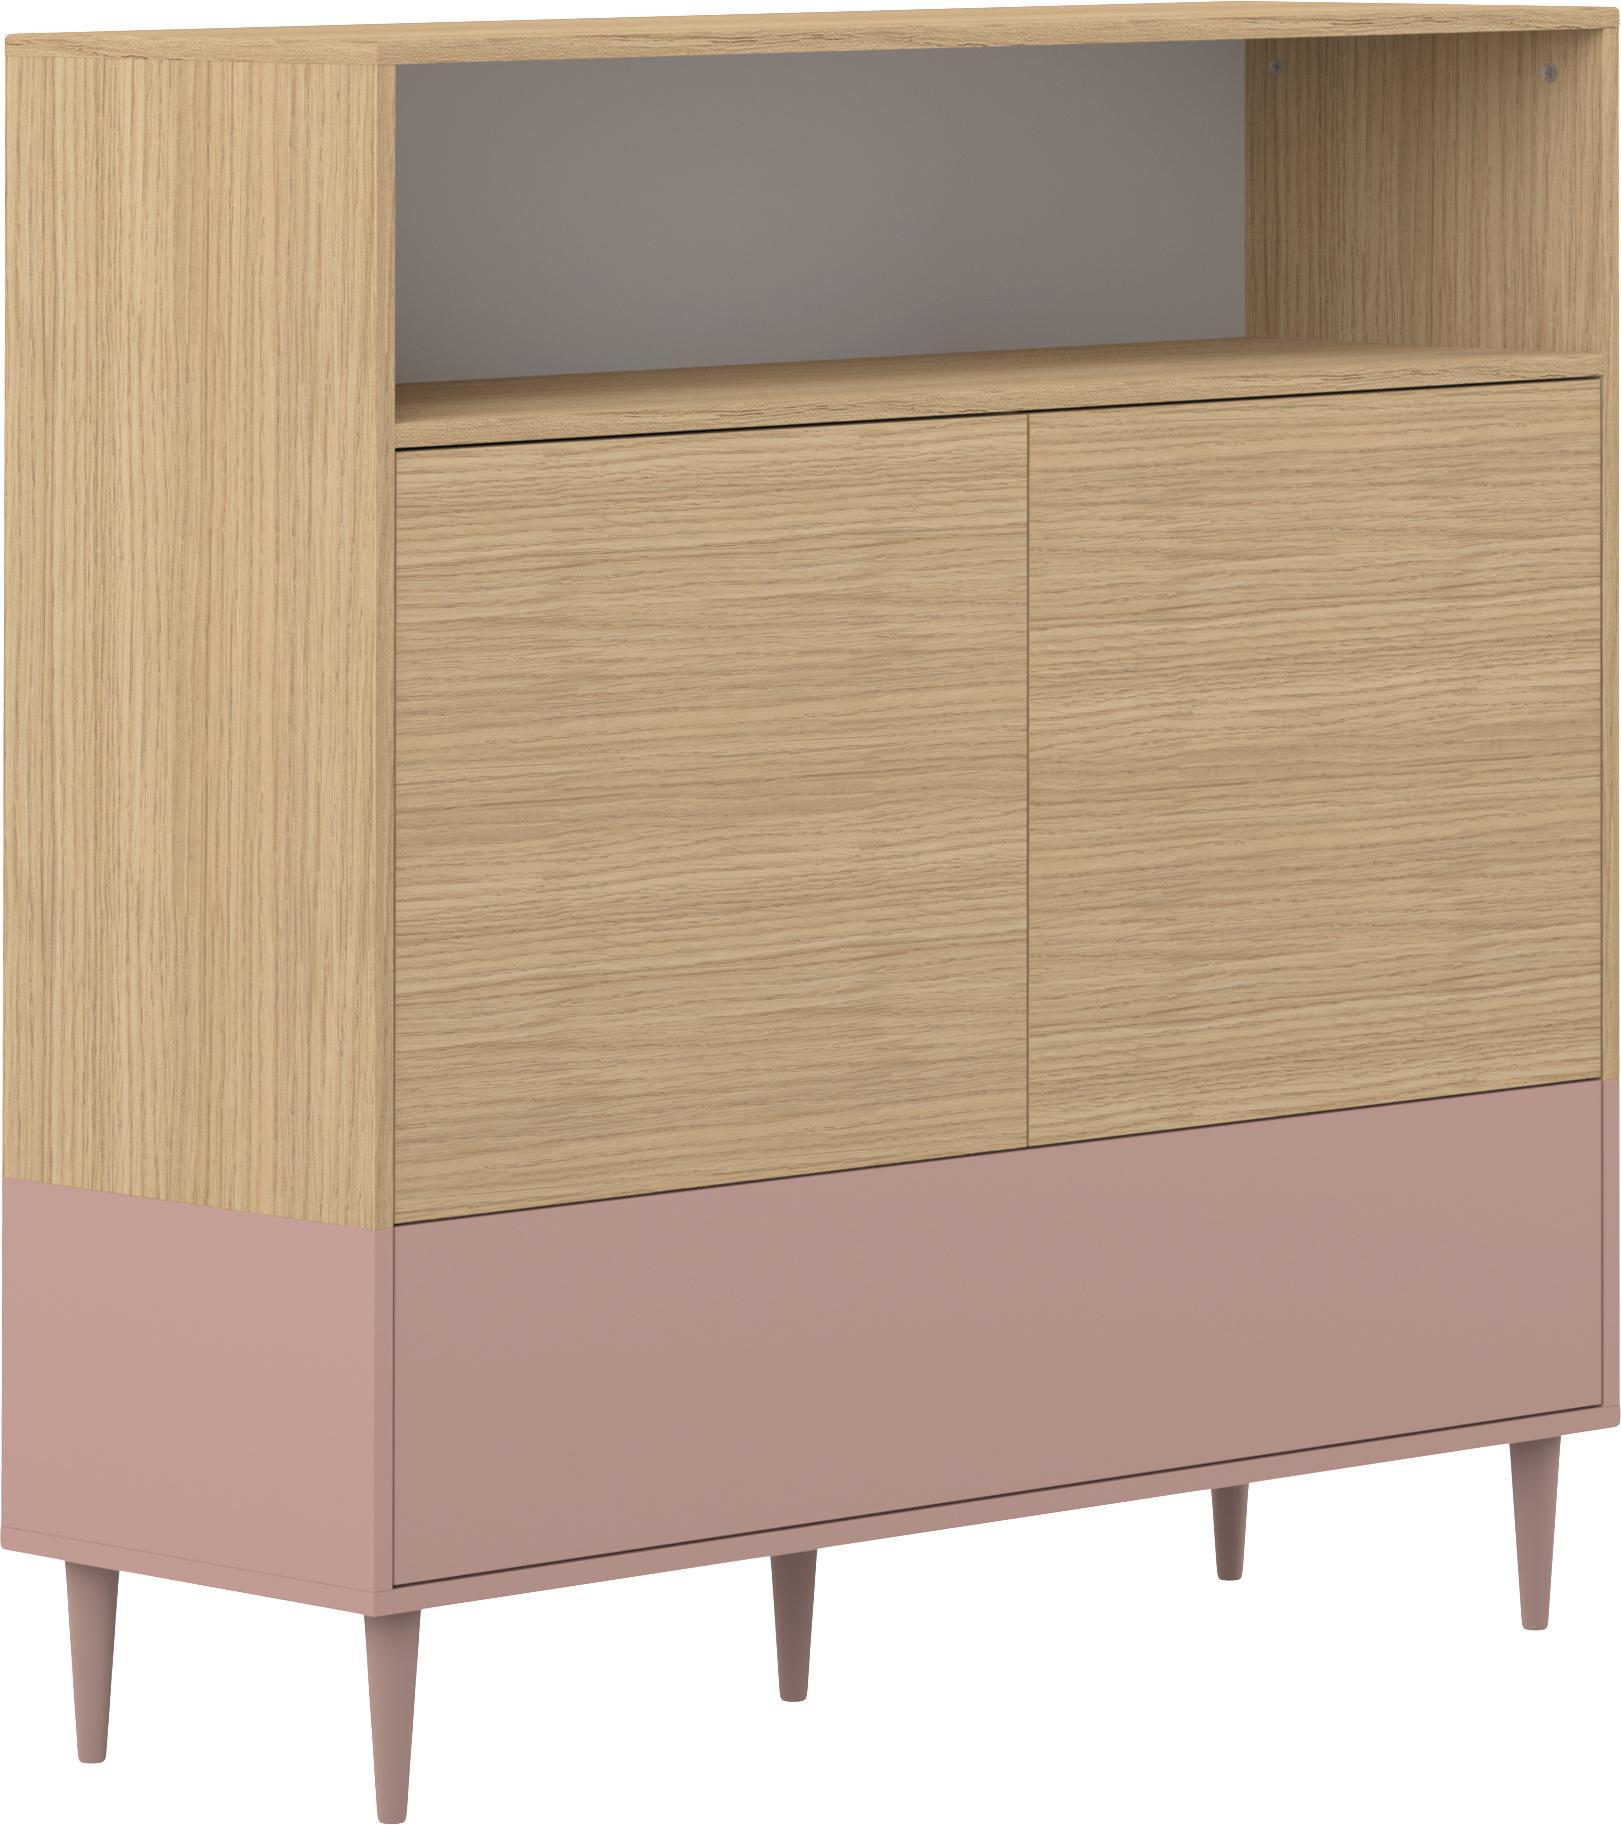 Highboard Horizon im Skandi Design, Korpus: Spanplatte, melaminbeschi, Füße: Buchenholz, massiv, lacki, Eichenholz, Altrosa, 120 x 121 cm